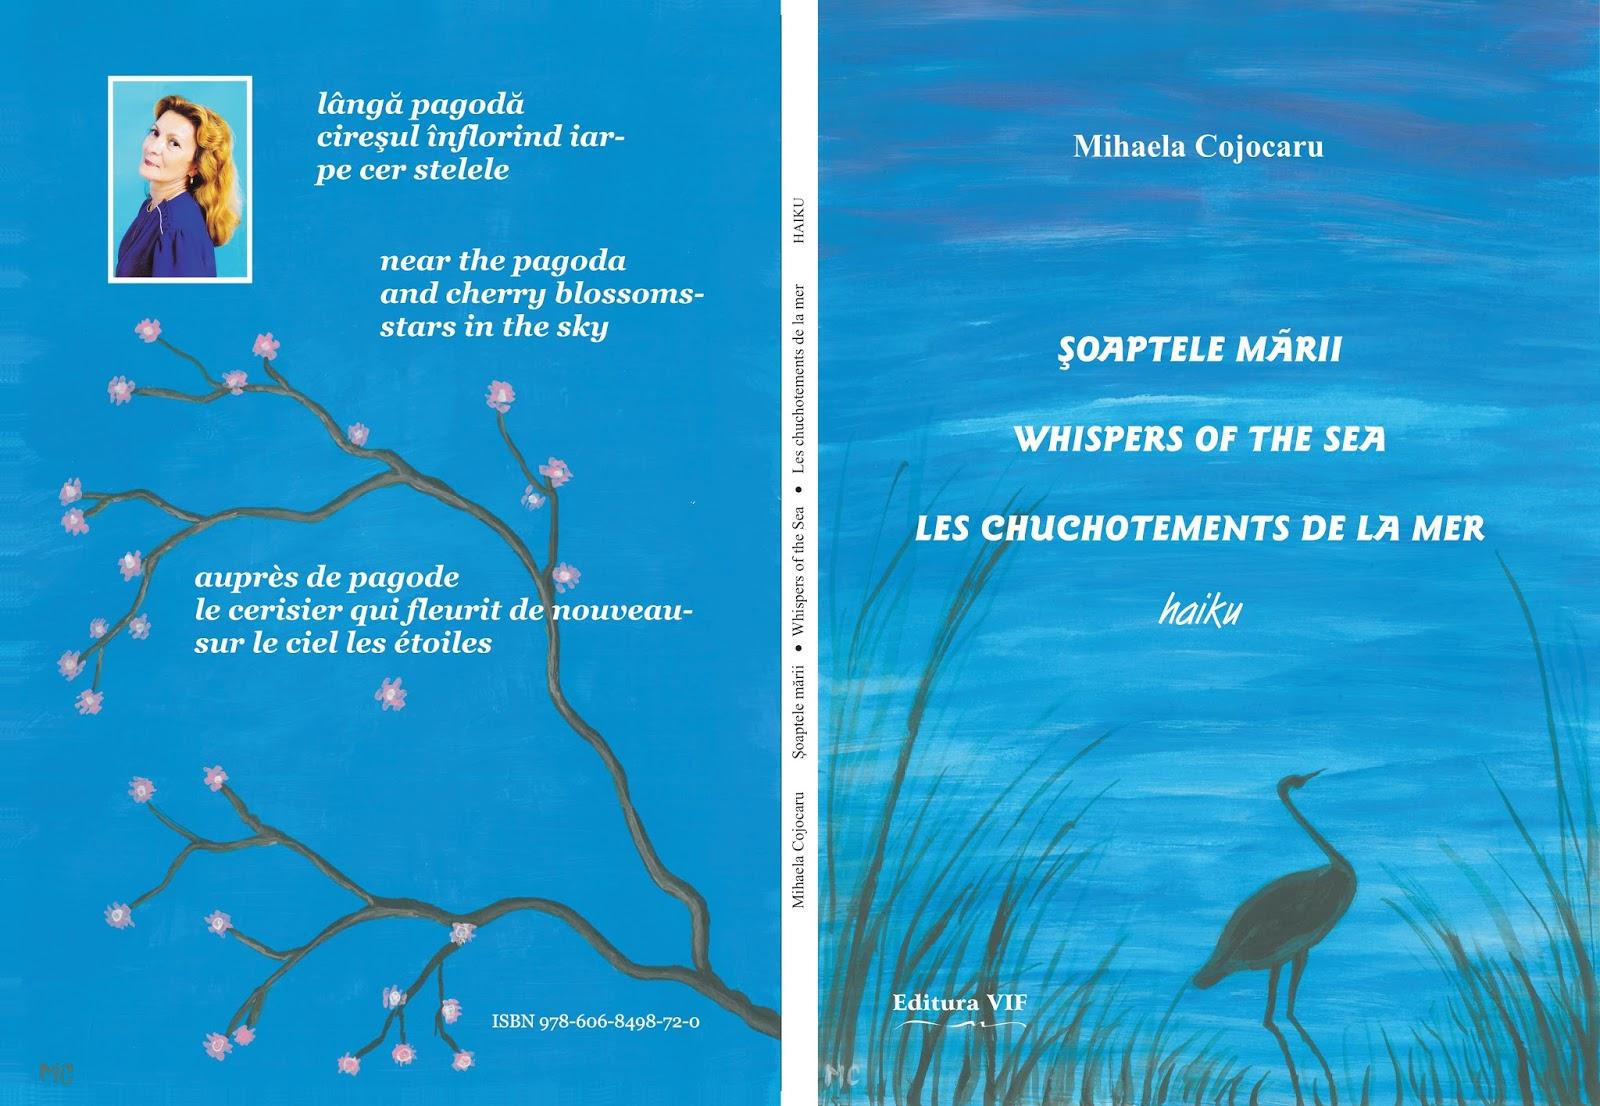 Mihaela Cojocaru - The Whispers of the Sea